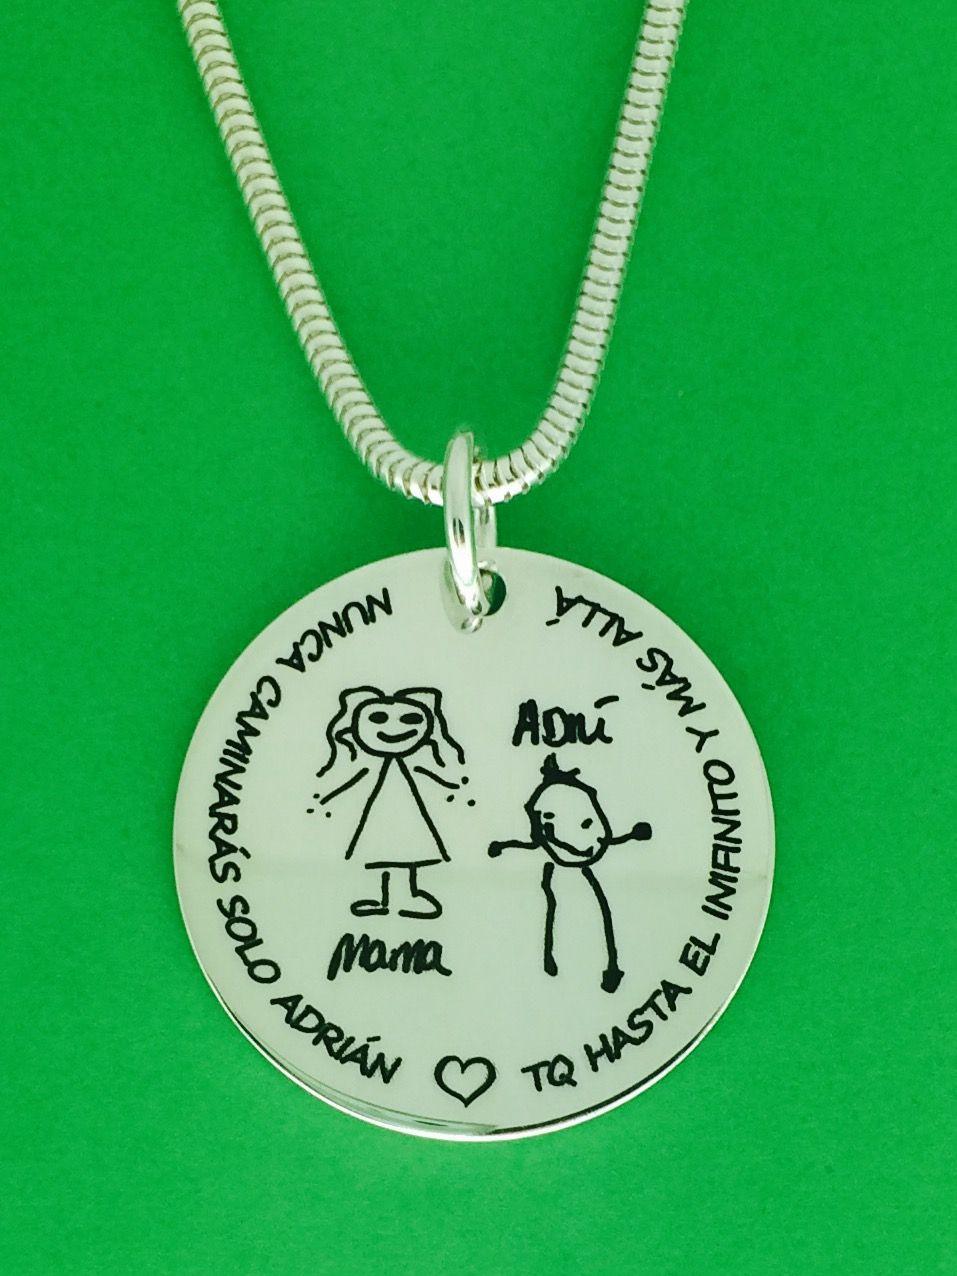 32c96731a MEDALLON con cadena de cola de ratón en plata de ley. Especial grabado  dibujo ✏️de tu peke. #joyasquehablandeti #miplatafina